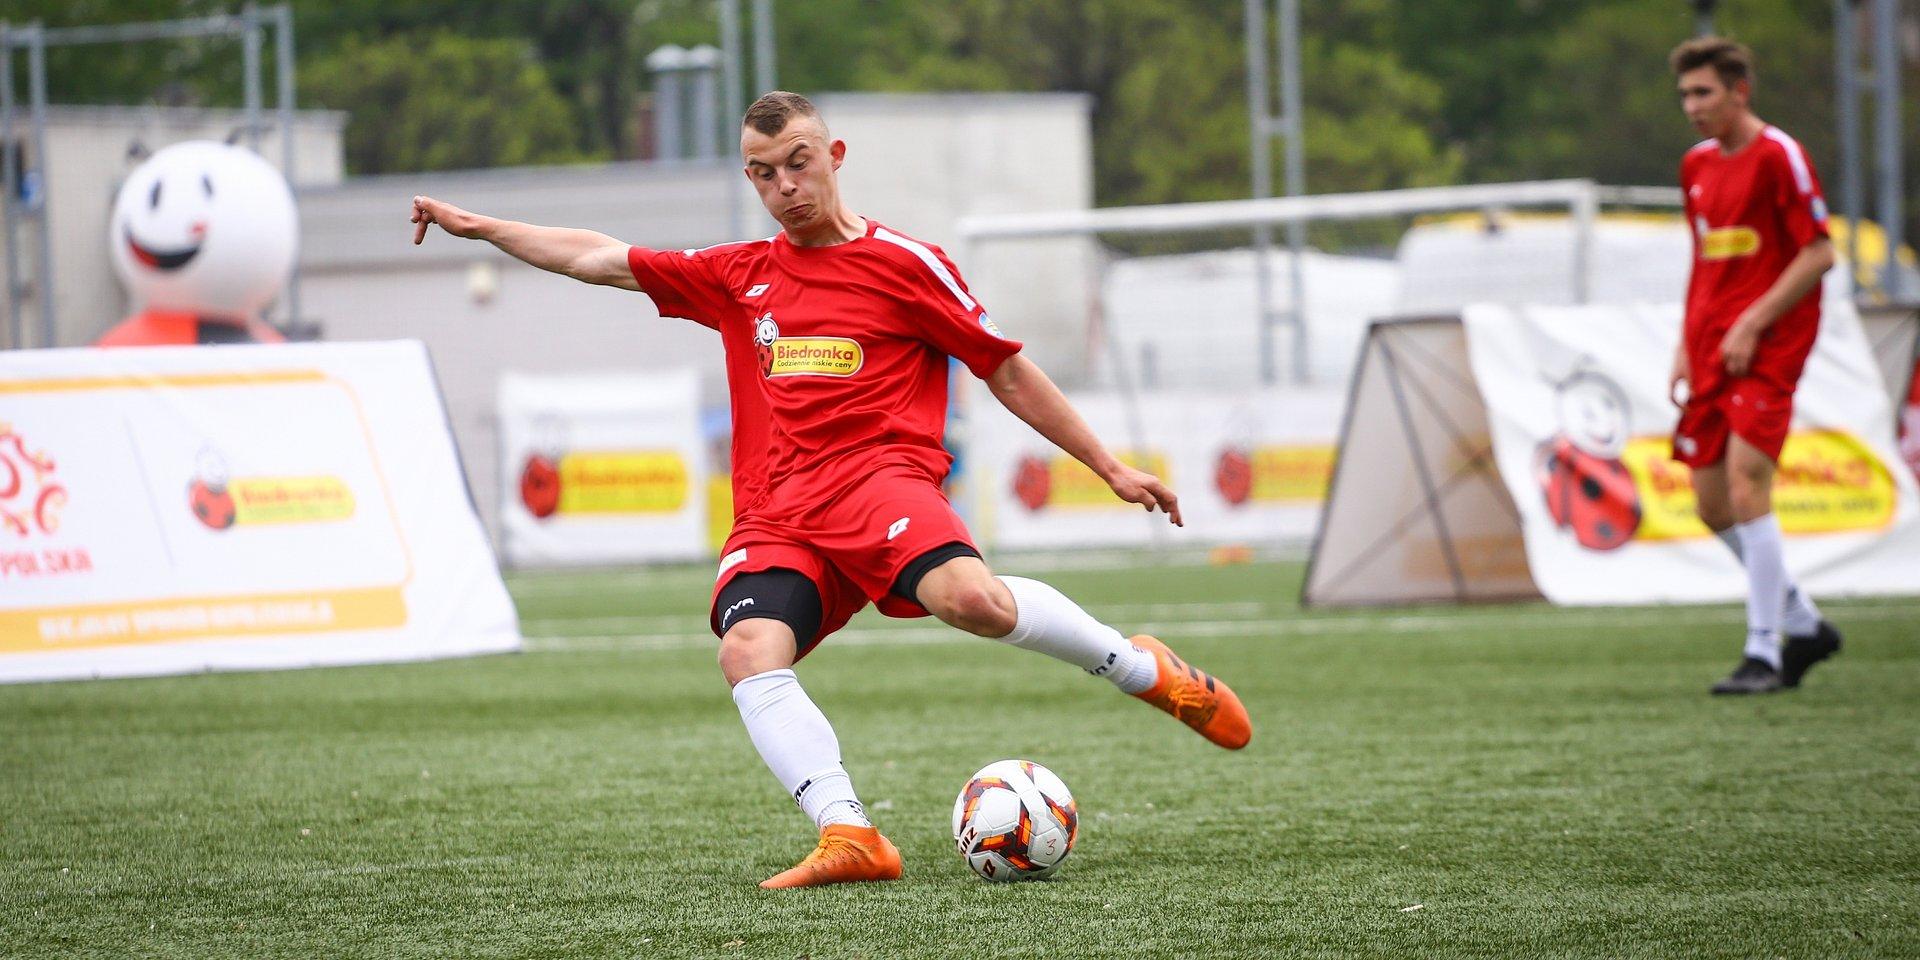 Biedronka wspiera młodych piłkarzy z domów dziecka